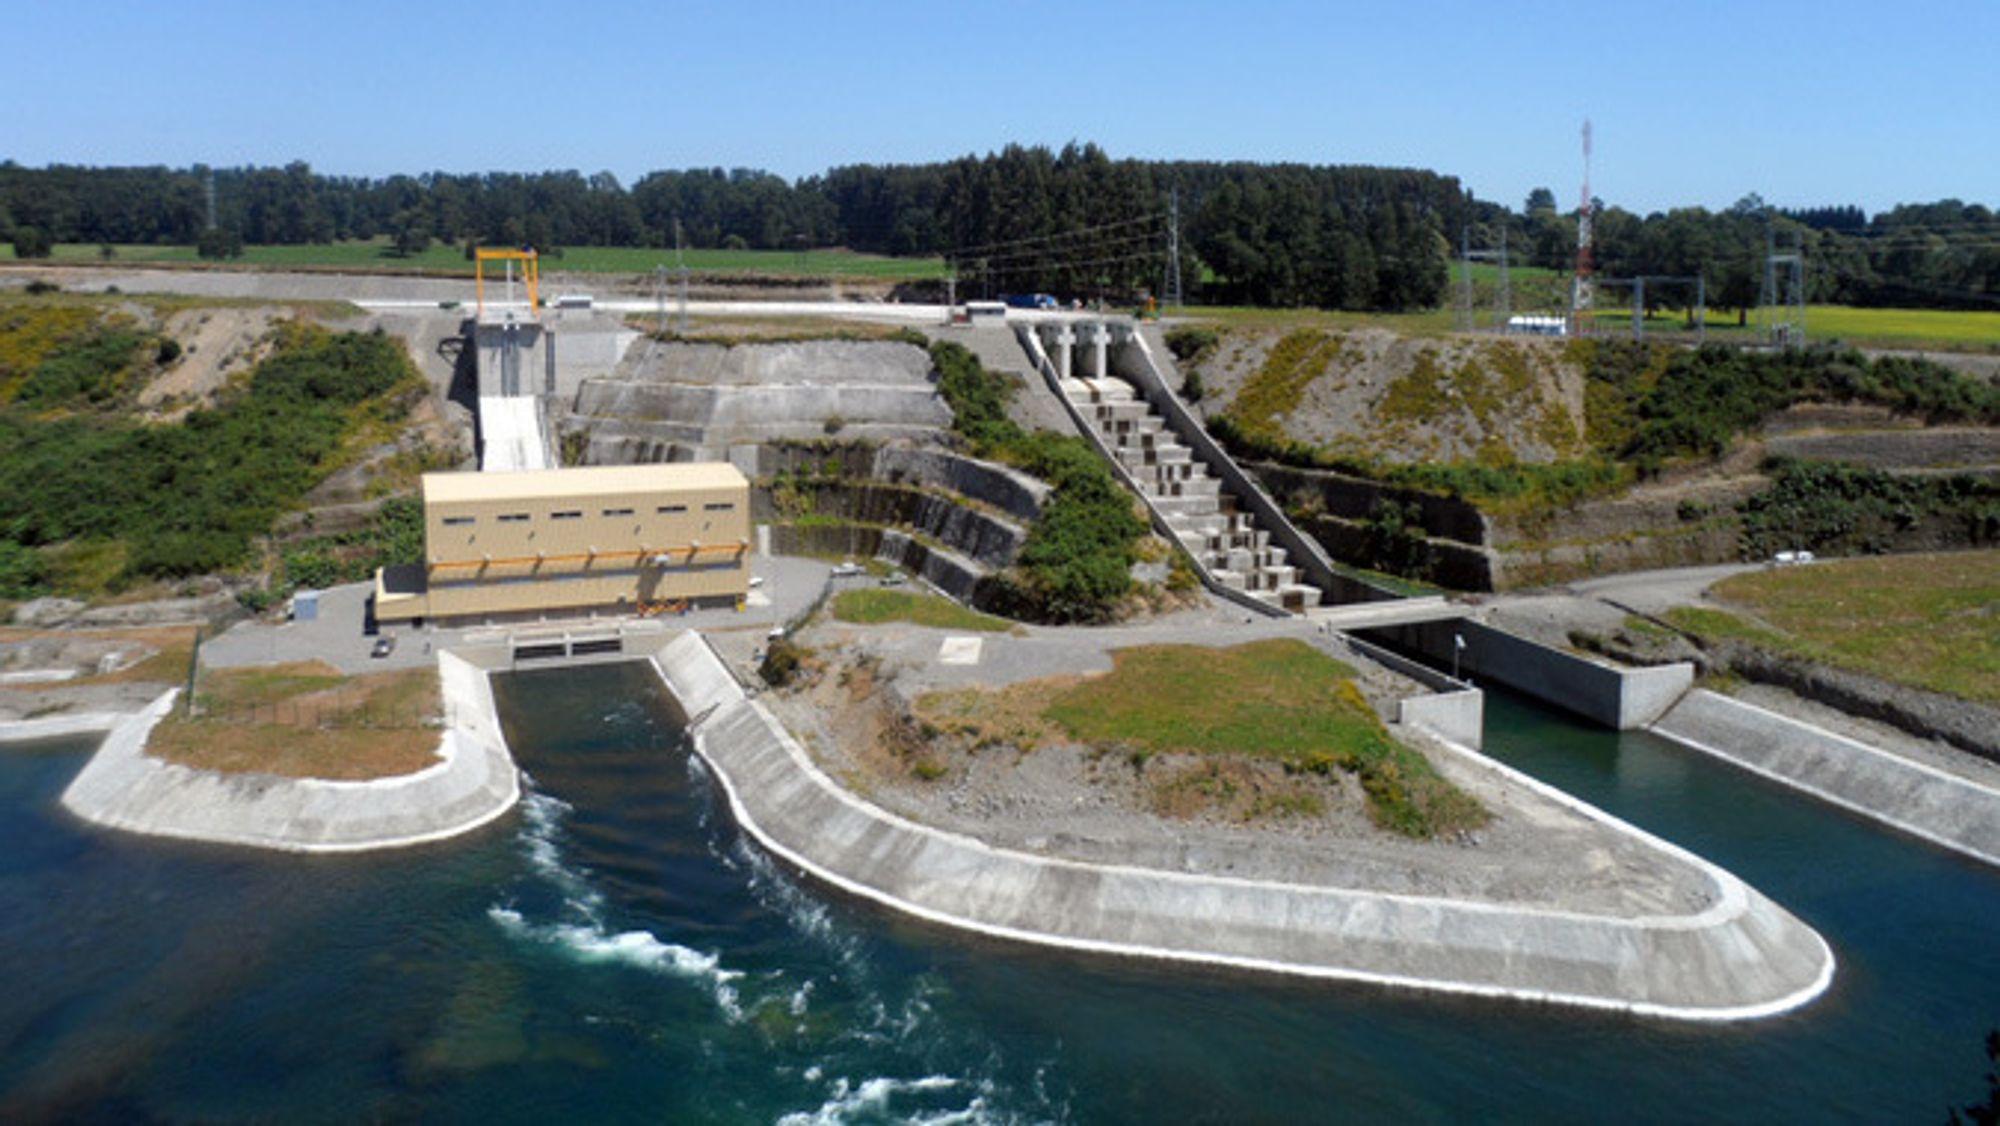 Chile er et satsingsområde for Statkraft. Fra før eier de vannkraftverket Rucatayo (bildet) på 304 GWh og halvparten av kraftverkene La Higuera (761 GWh), ogLa Confluencia (672 GWh).